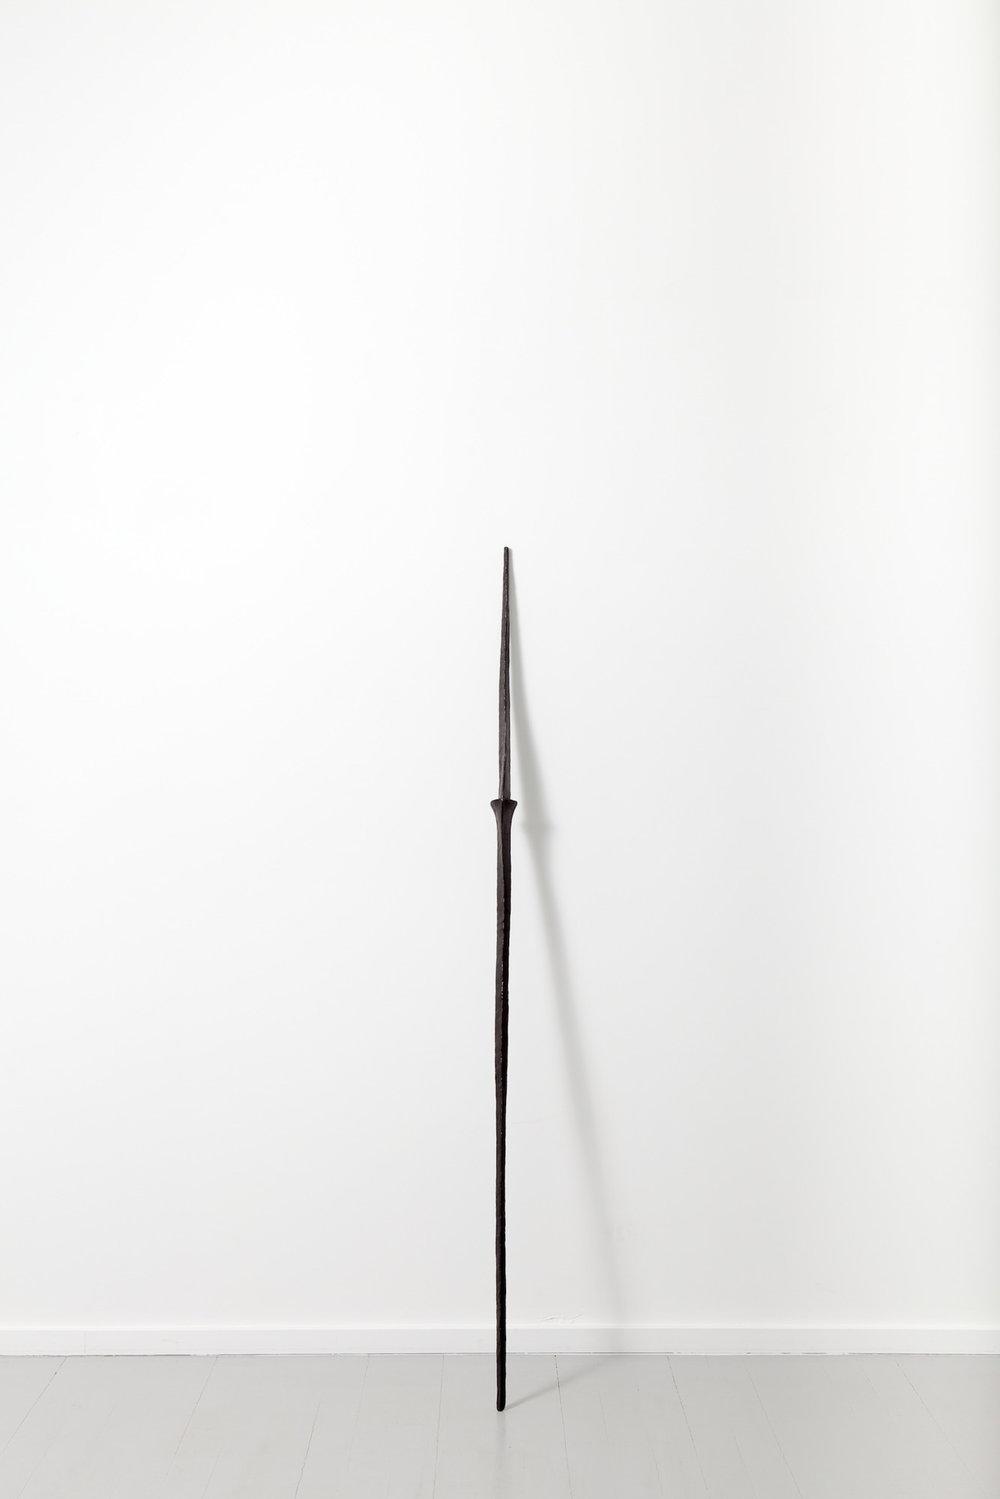 Sculpture V, 2017